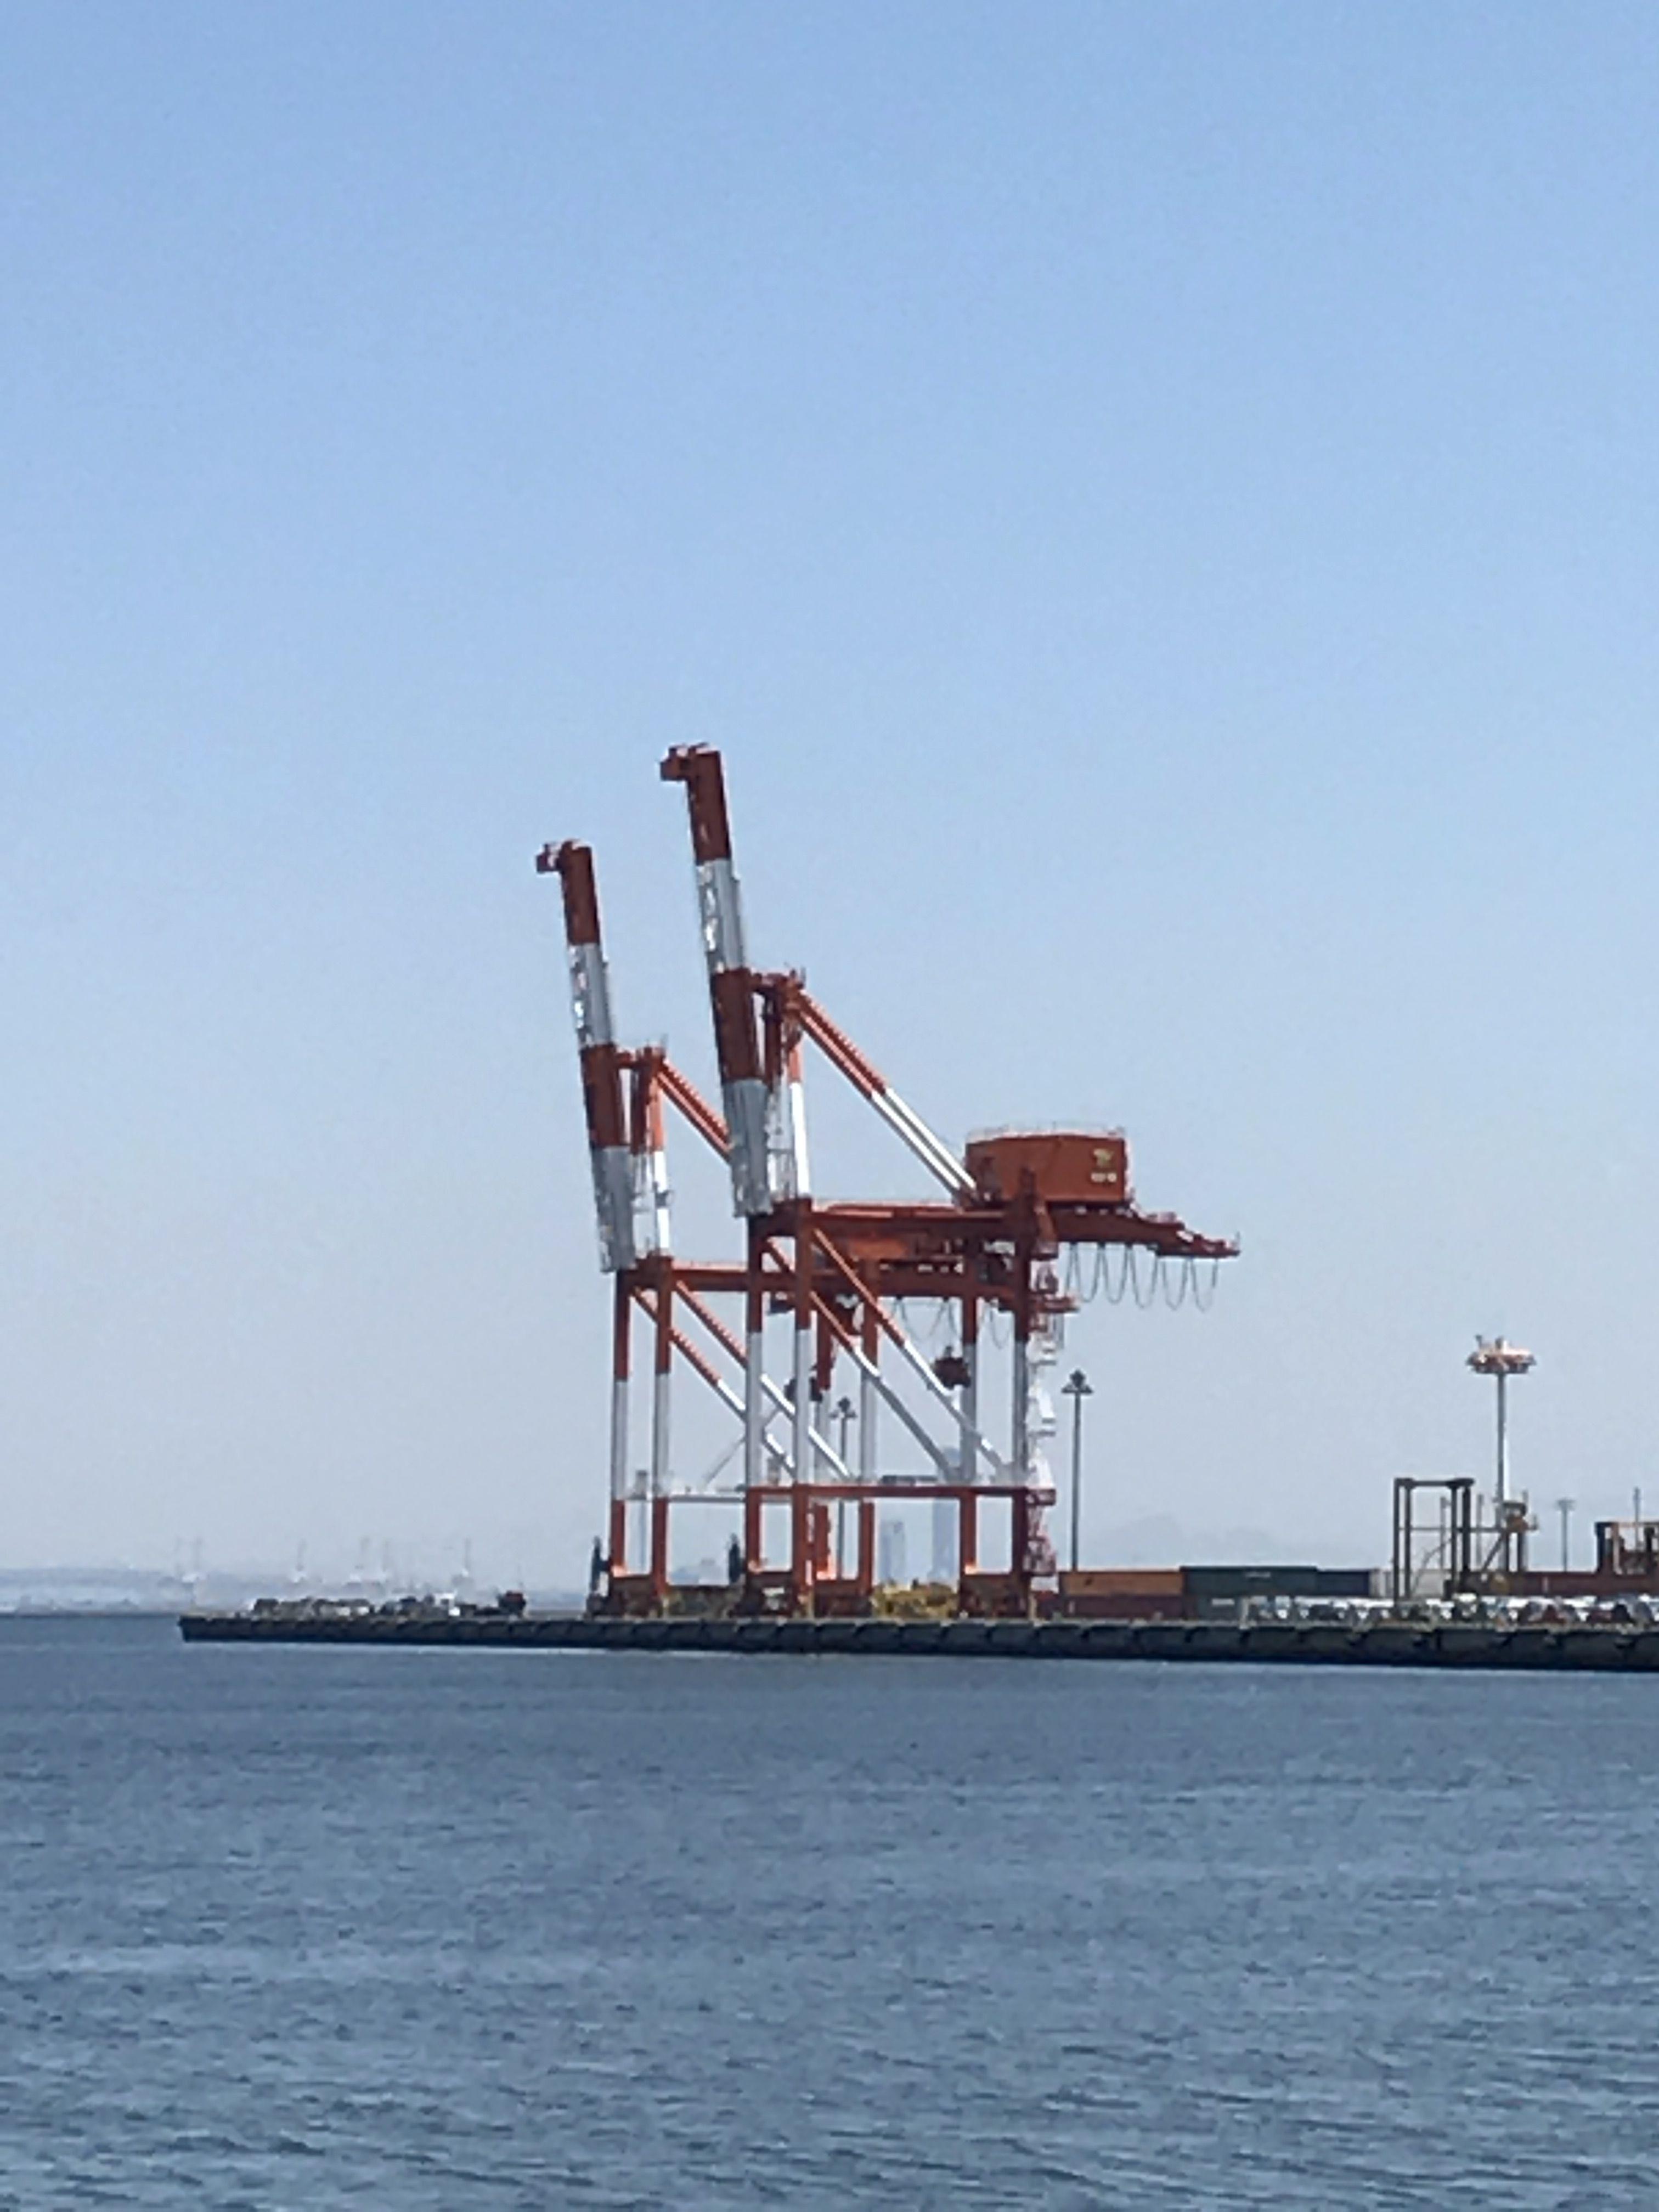 神戸 六甲アイランドのガントリークレーン Gantry crane of Kobe Rokko Island,Japan It looks like a pair of giraffes.